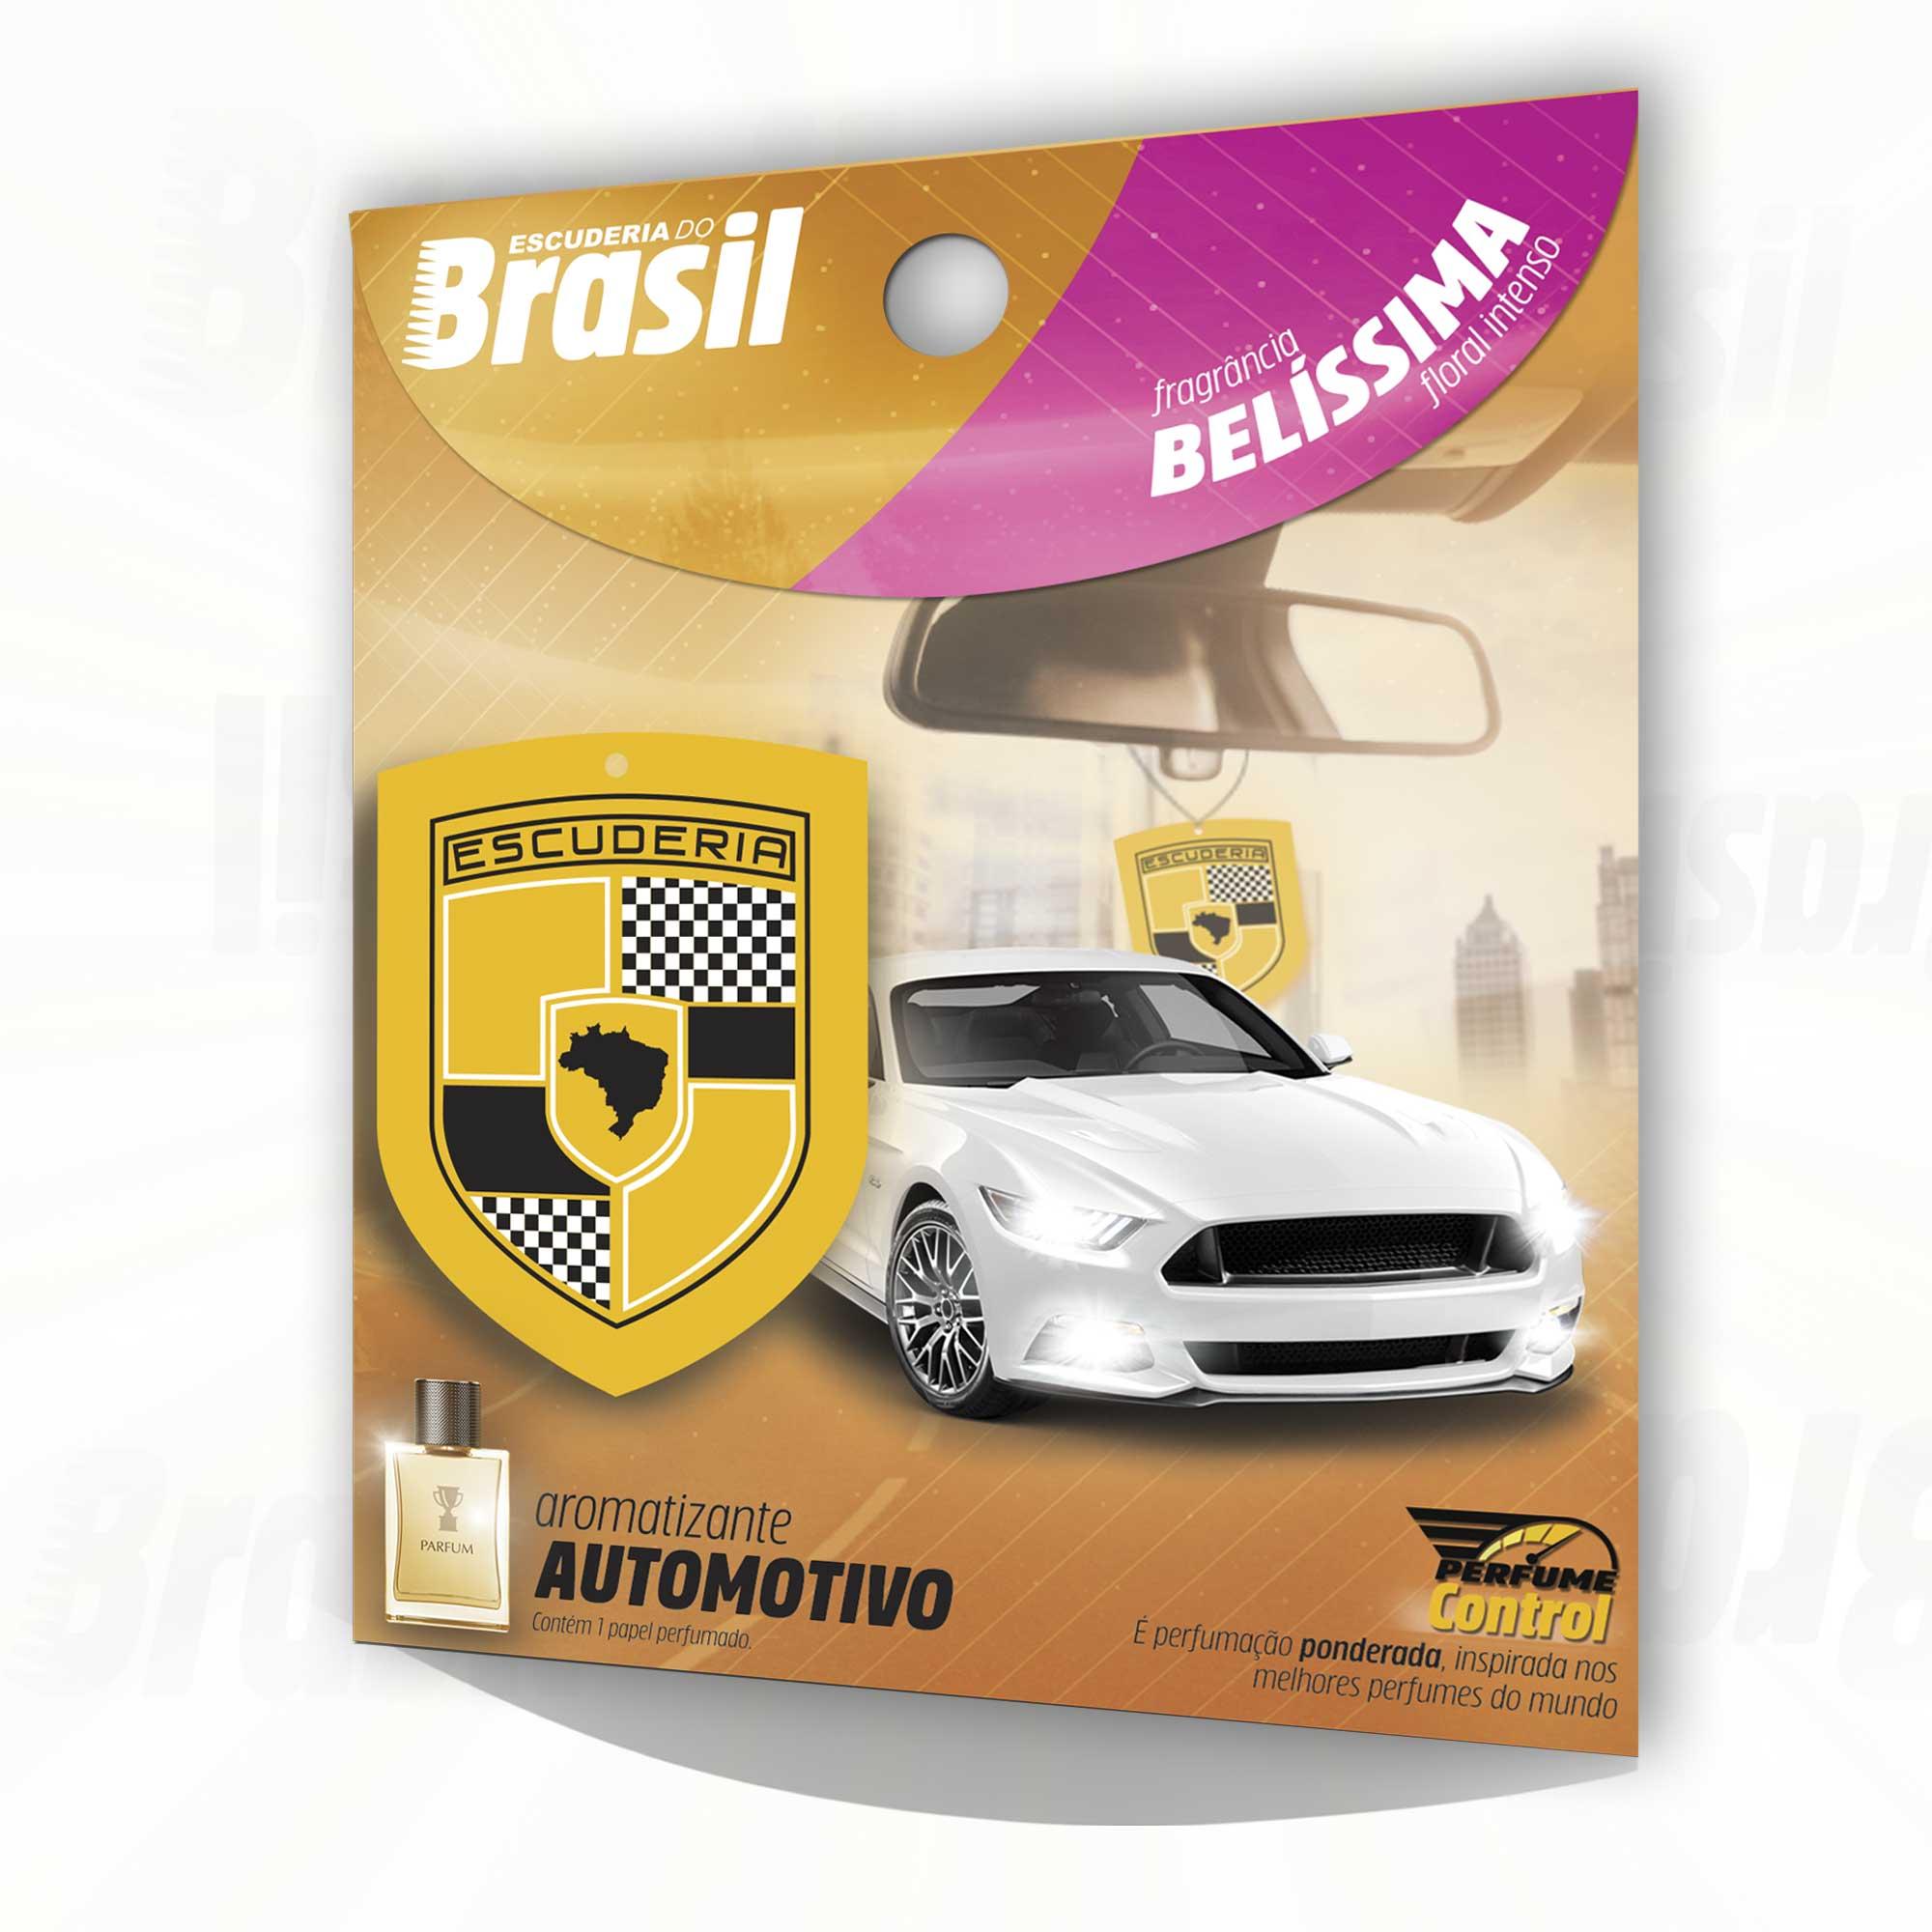 kit POWER  20 unidades - Escuderia Perfume Control Atacado  - Escuderia do Brasil